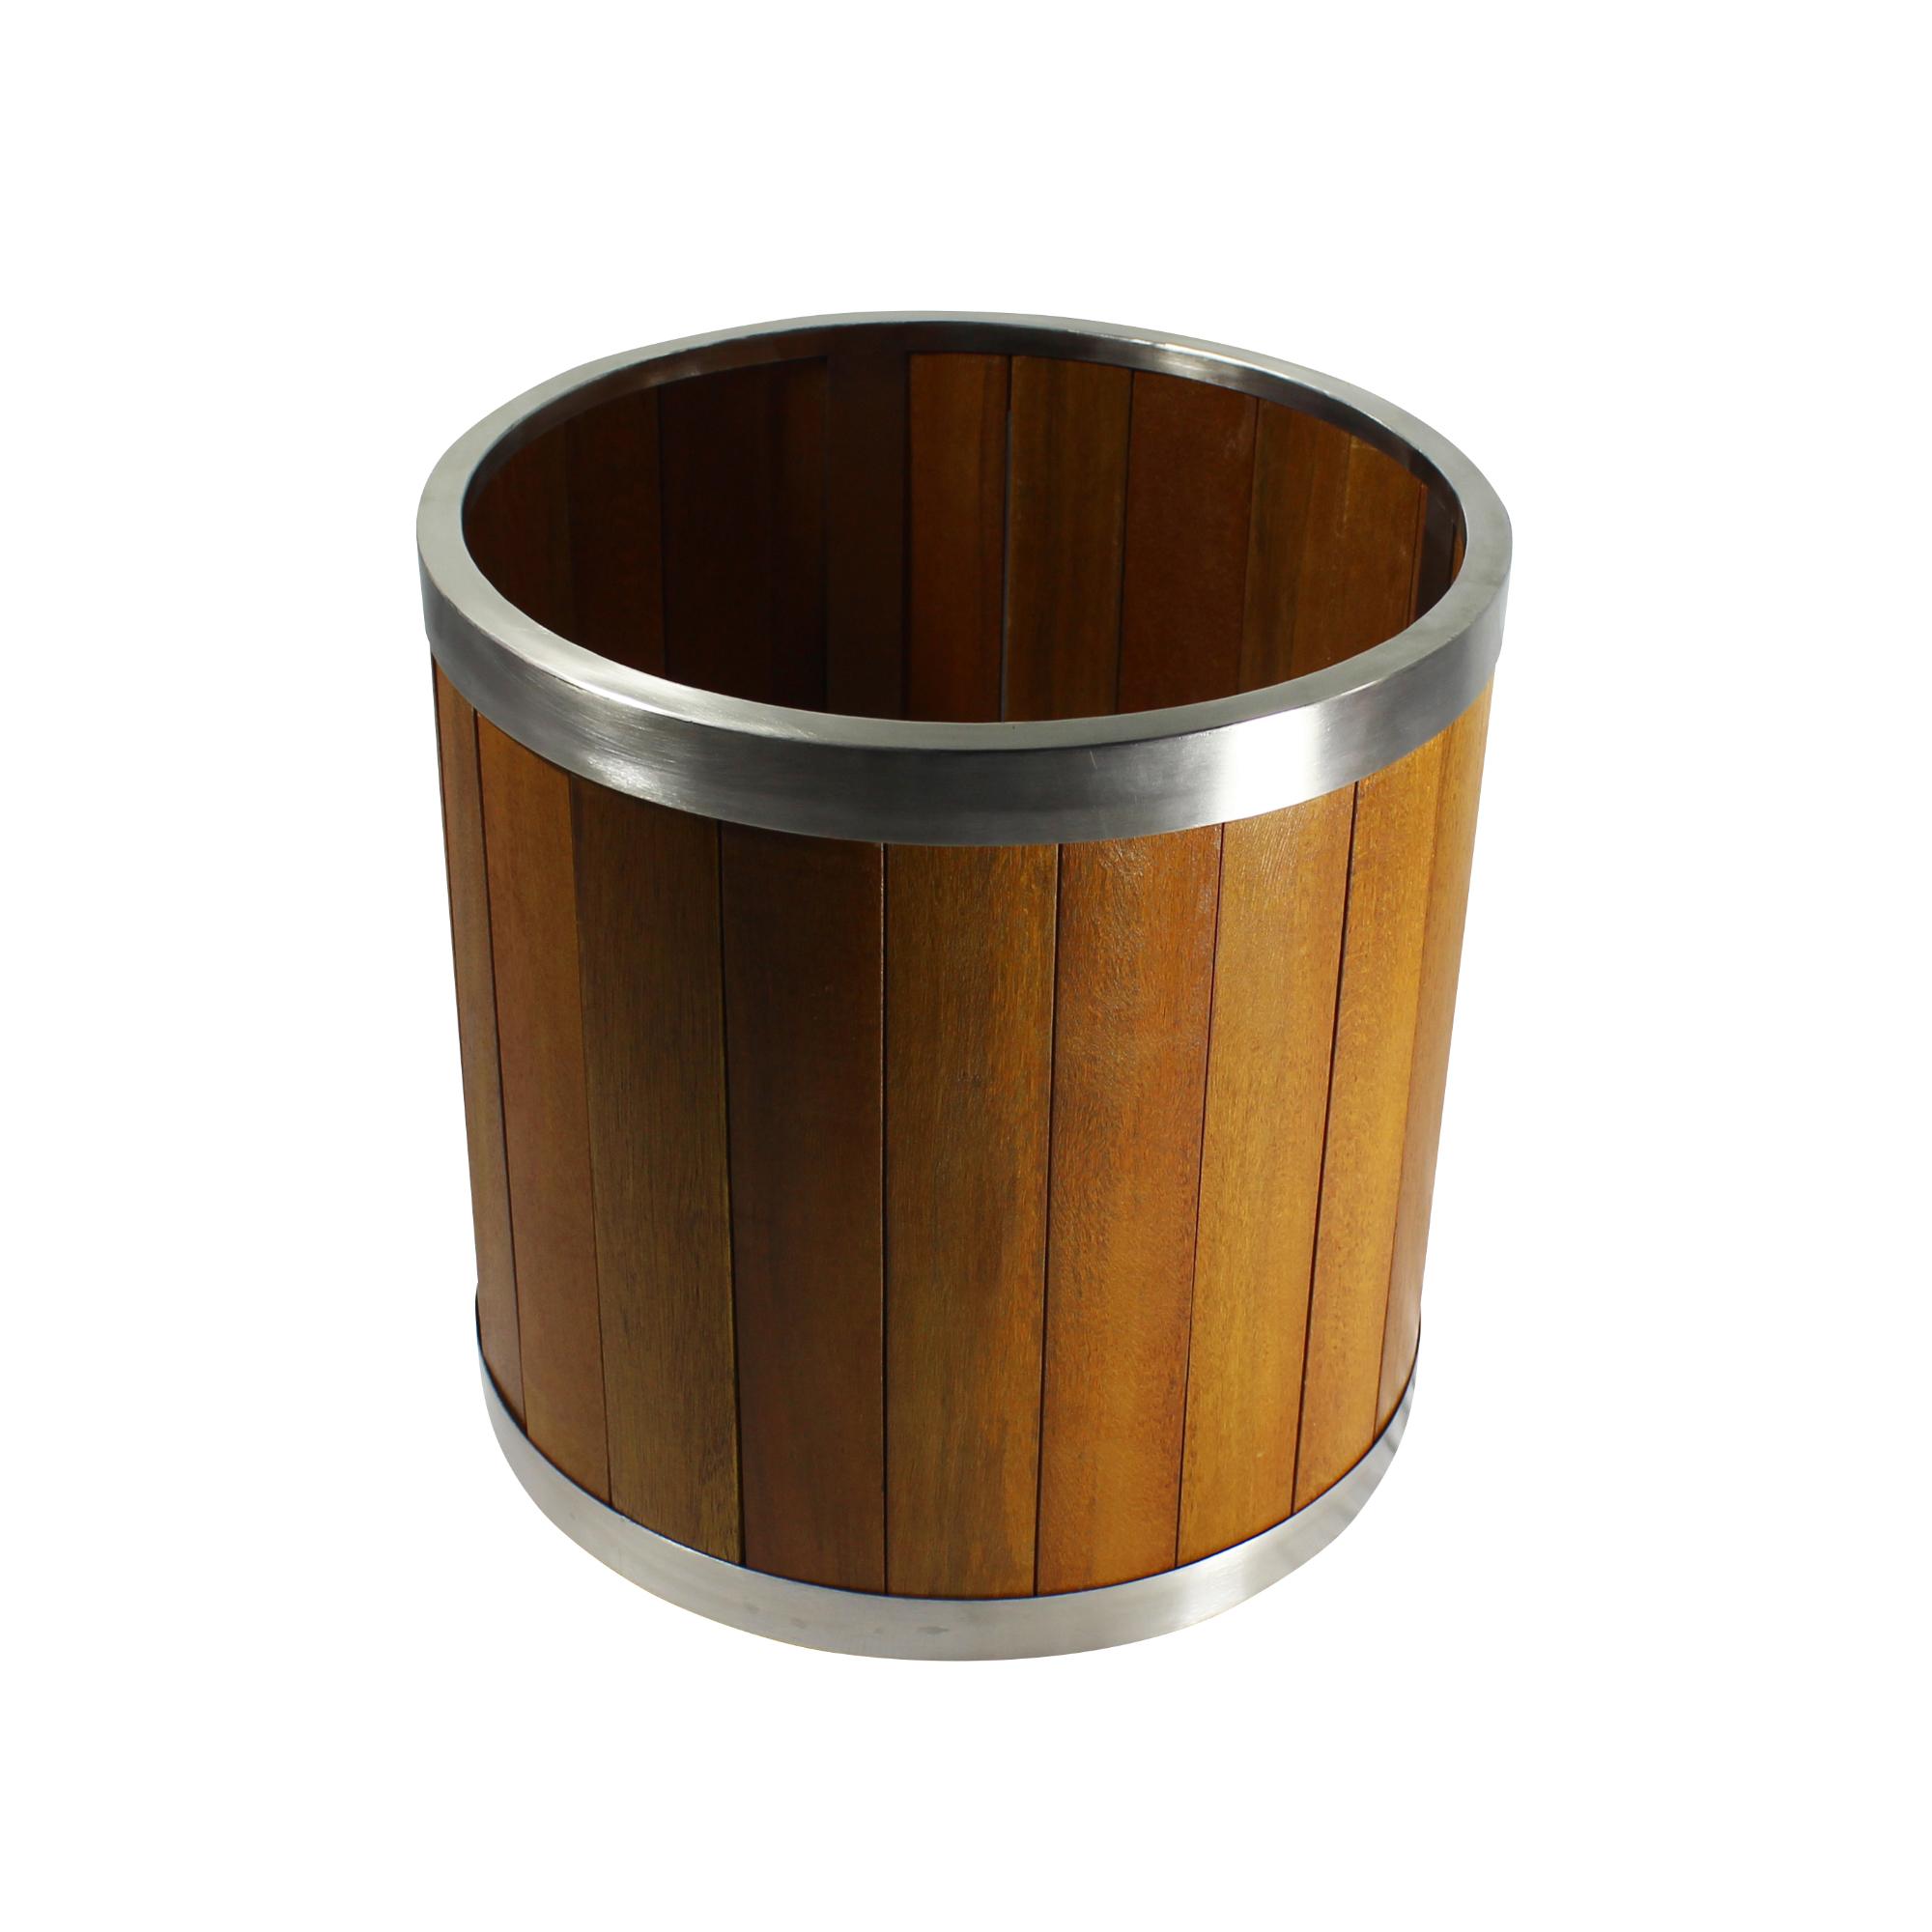 Leisure Season Ltd 14 Inch Round Wooden Planter With